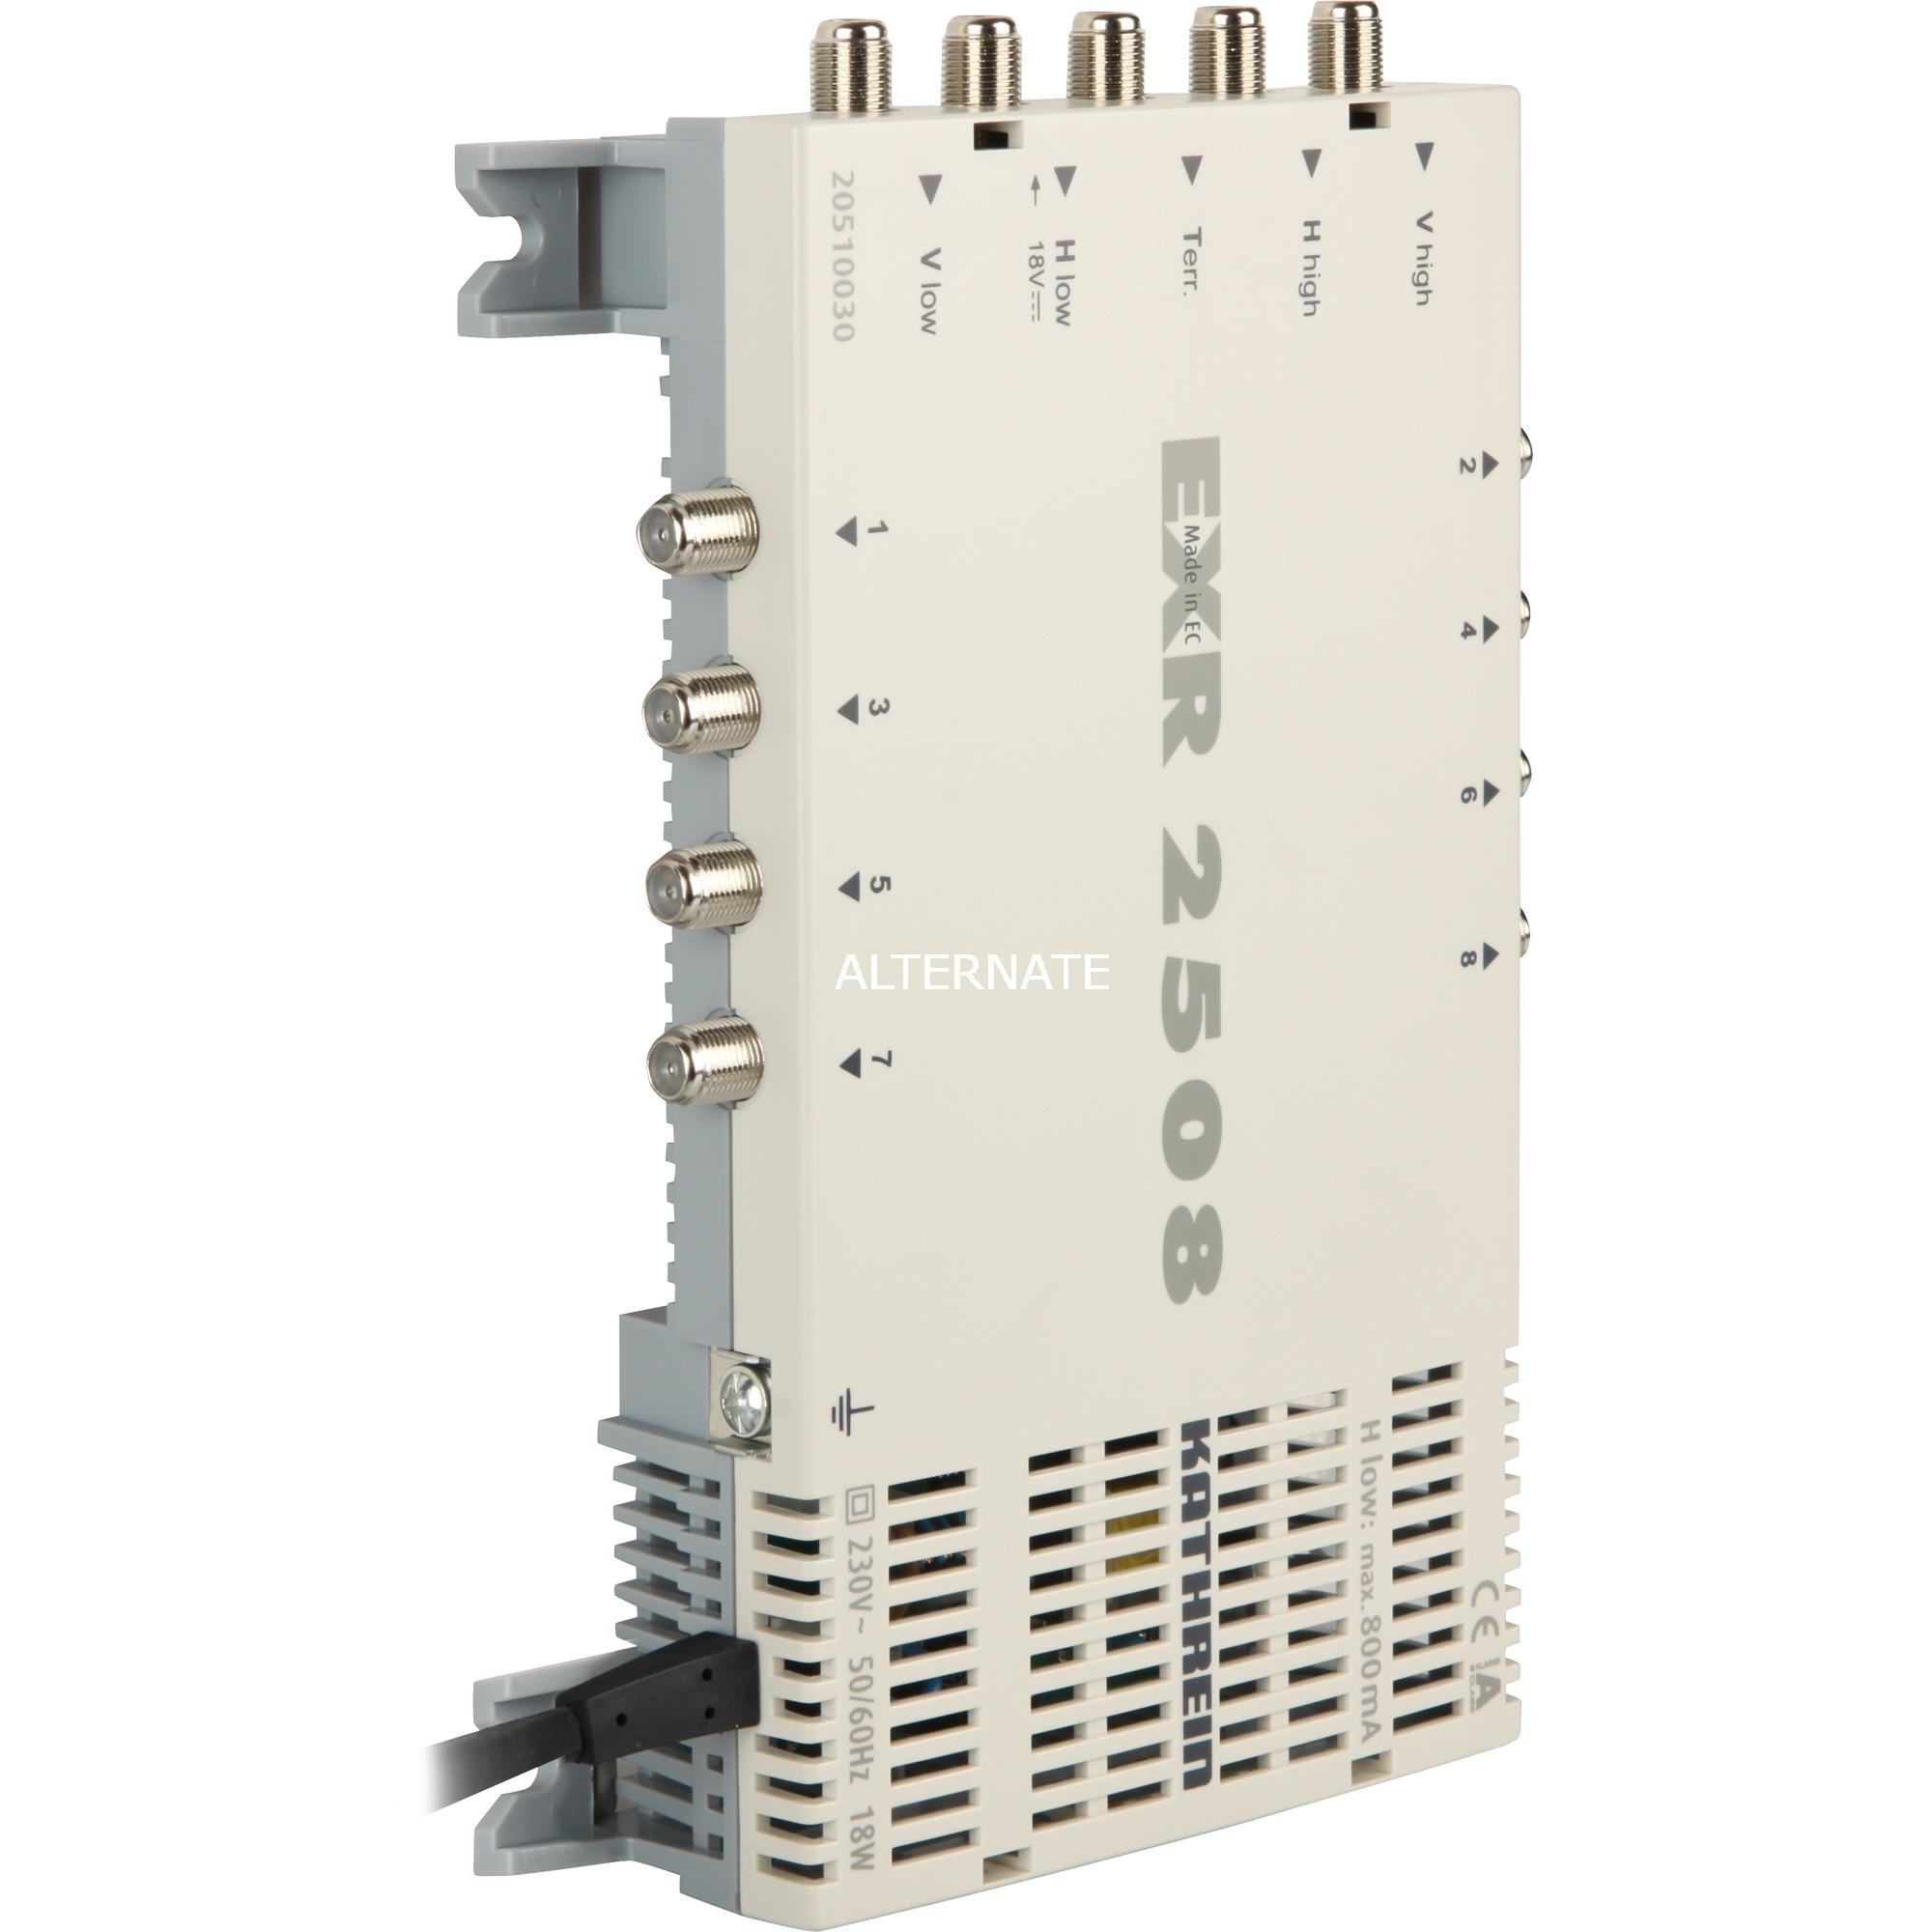 EXR 2508 5entrées 8sorties commutateur multiple satellite, Multi commutateur